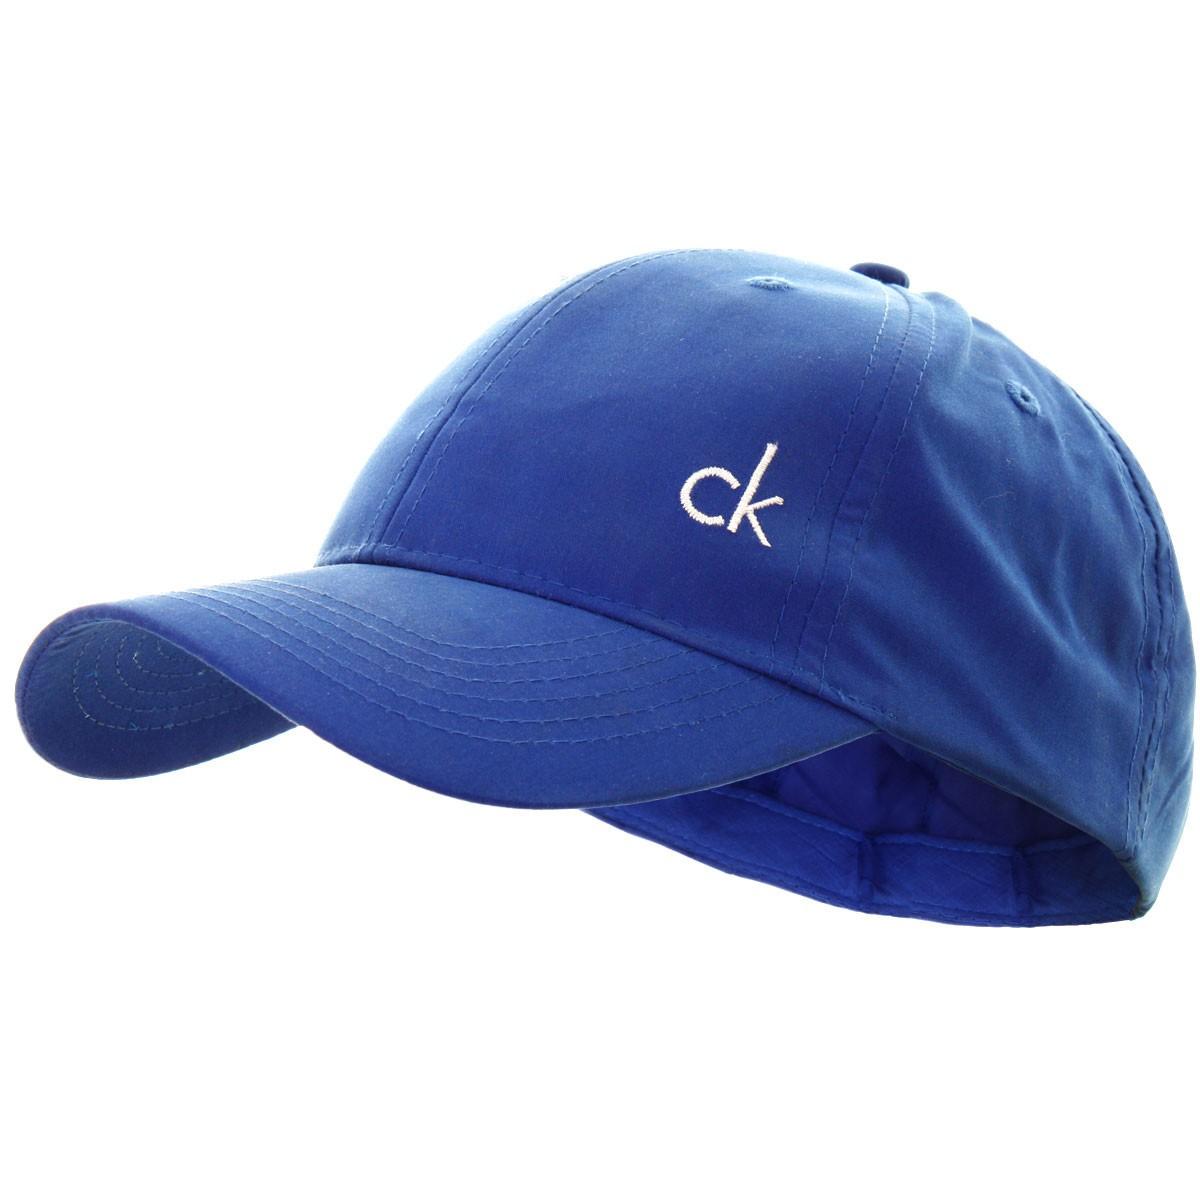 Calvin Klein Golf Mens CK Vintage Microfibre Cap - One Size - Golf cf24543902e4